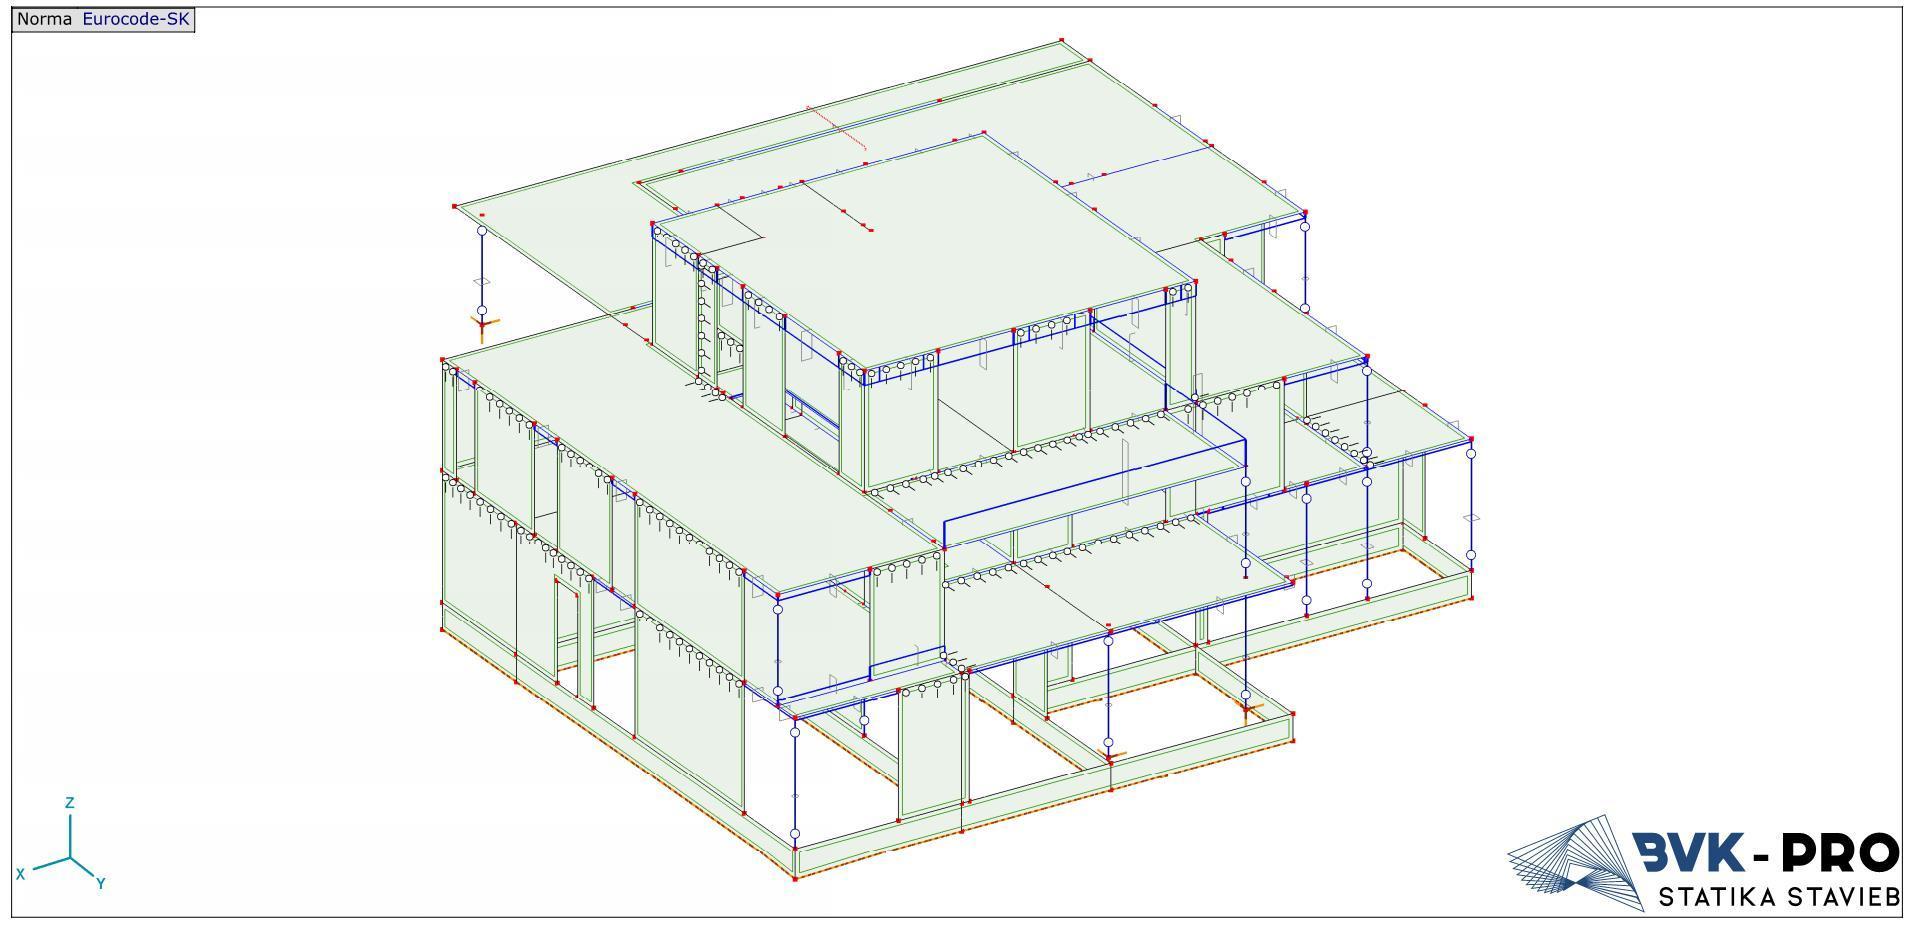 Rodinný Dom Kittsee Bvk Pro Page 006